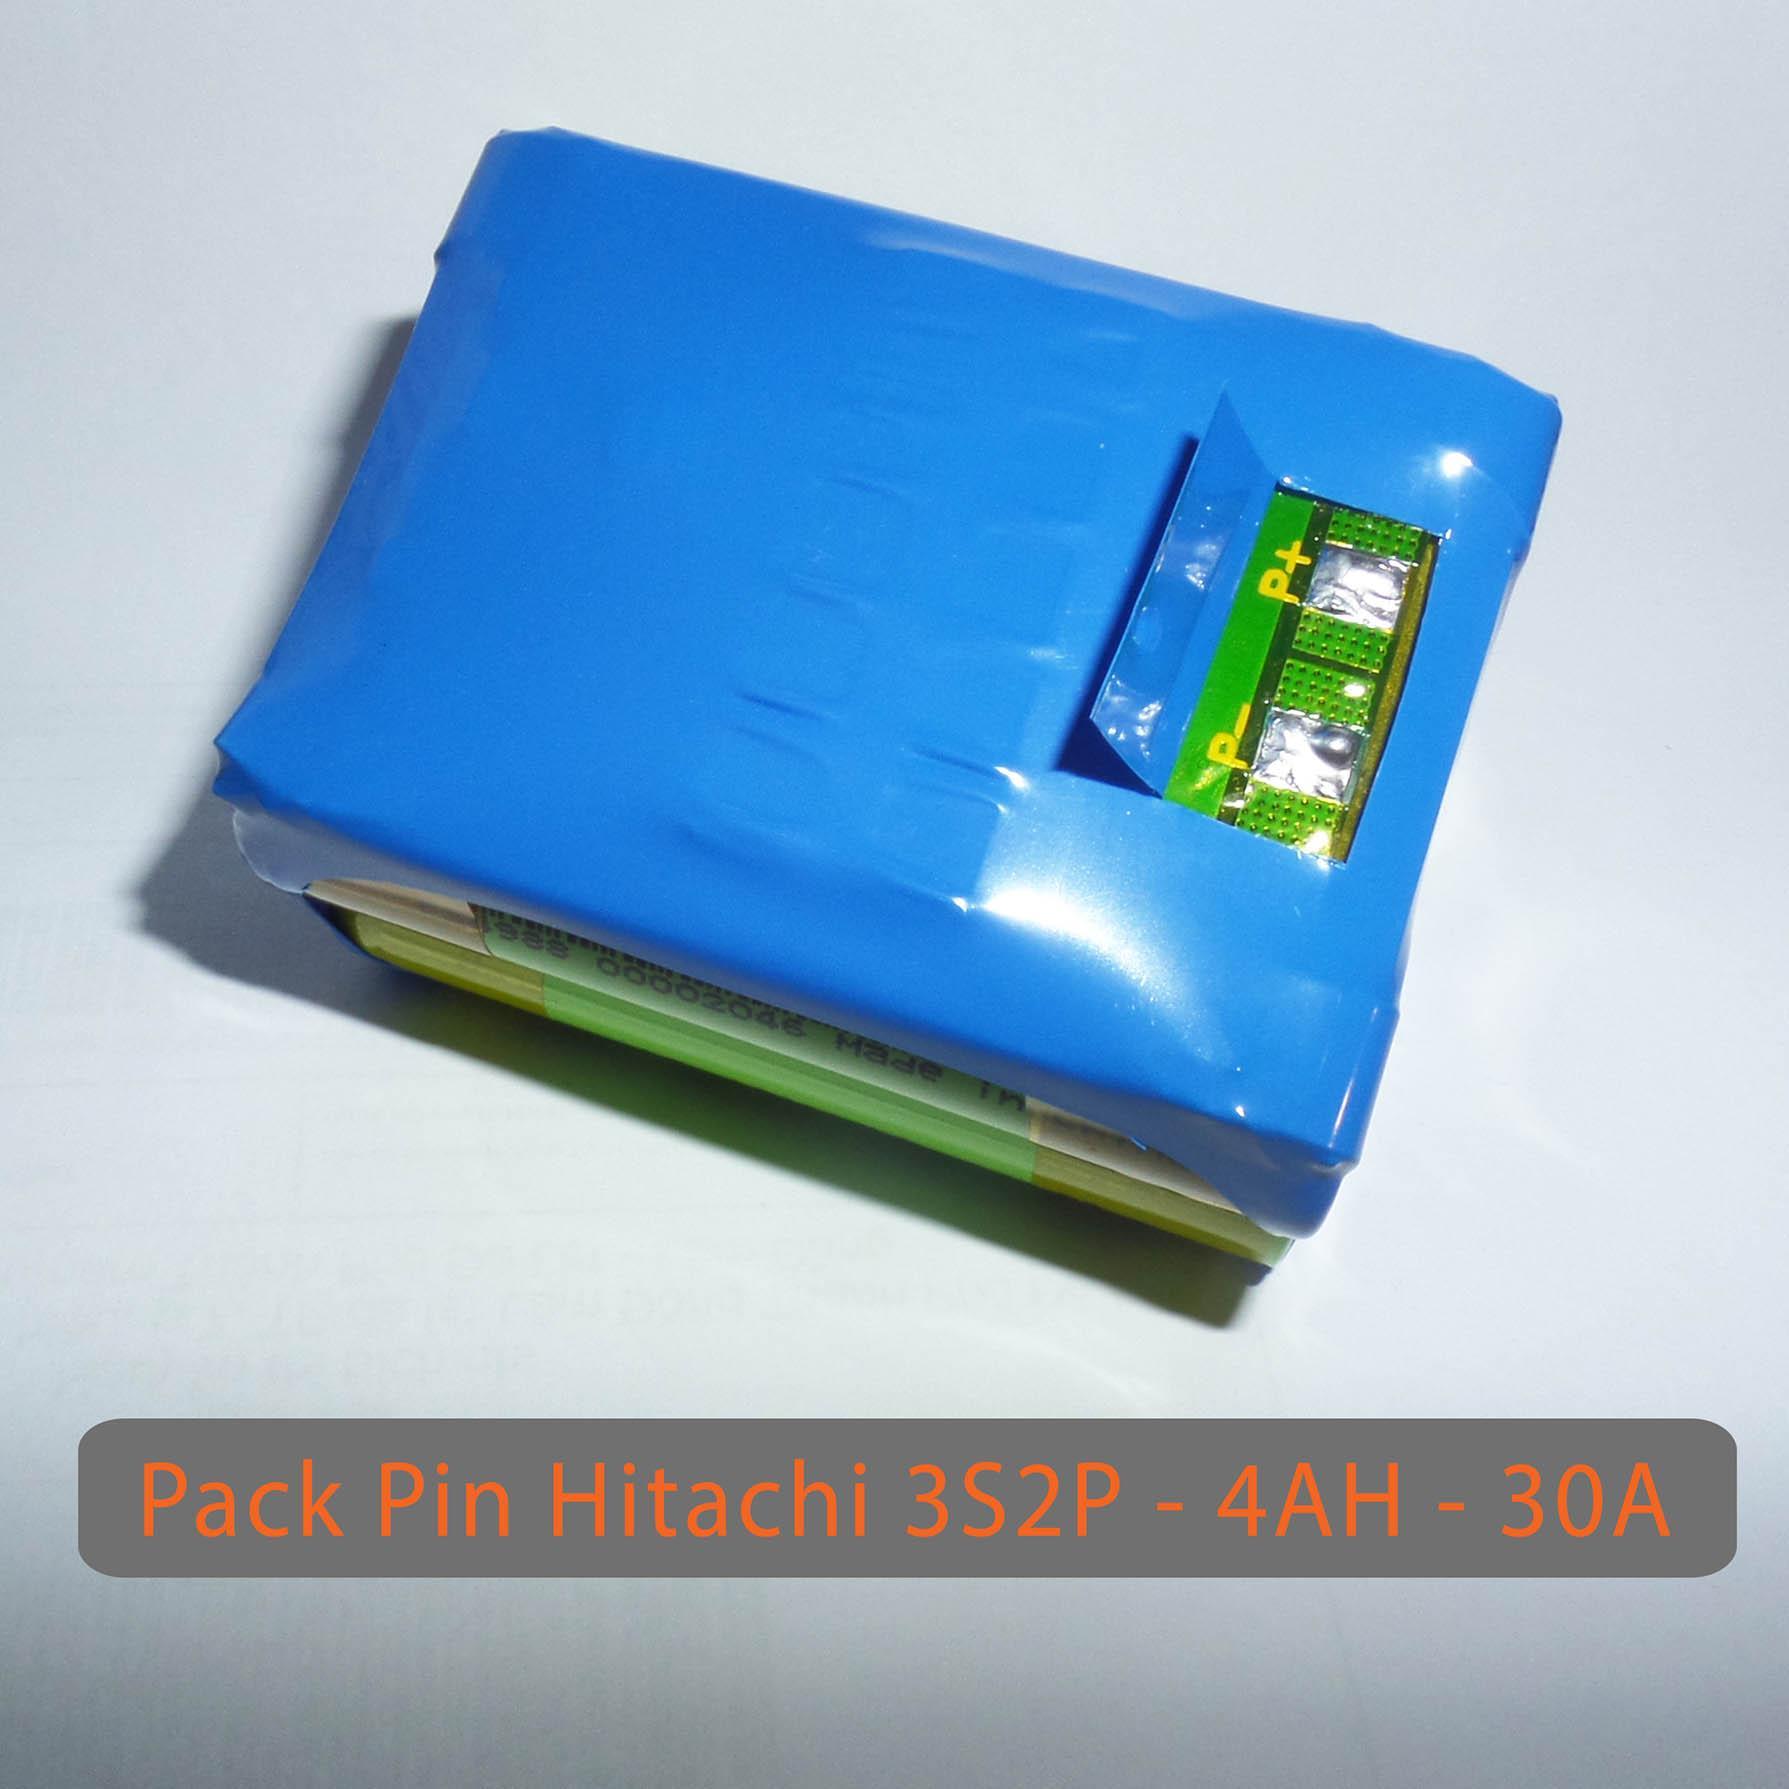 Pack PIN HITACHI 12V LiShen 3S2P - dung lượng 4AH - Dòng xả 30A - Full mạch bảo vệ và sạc cân bằng